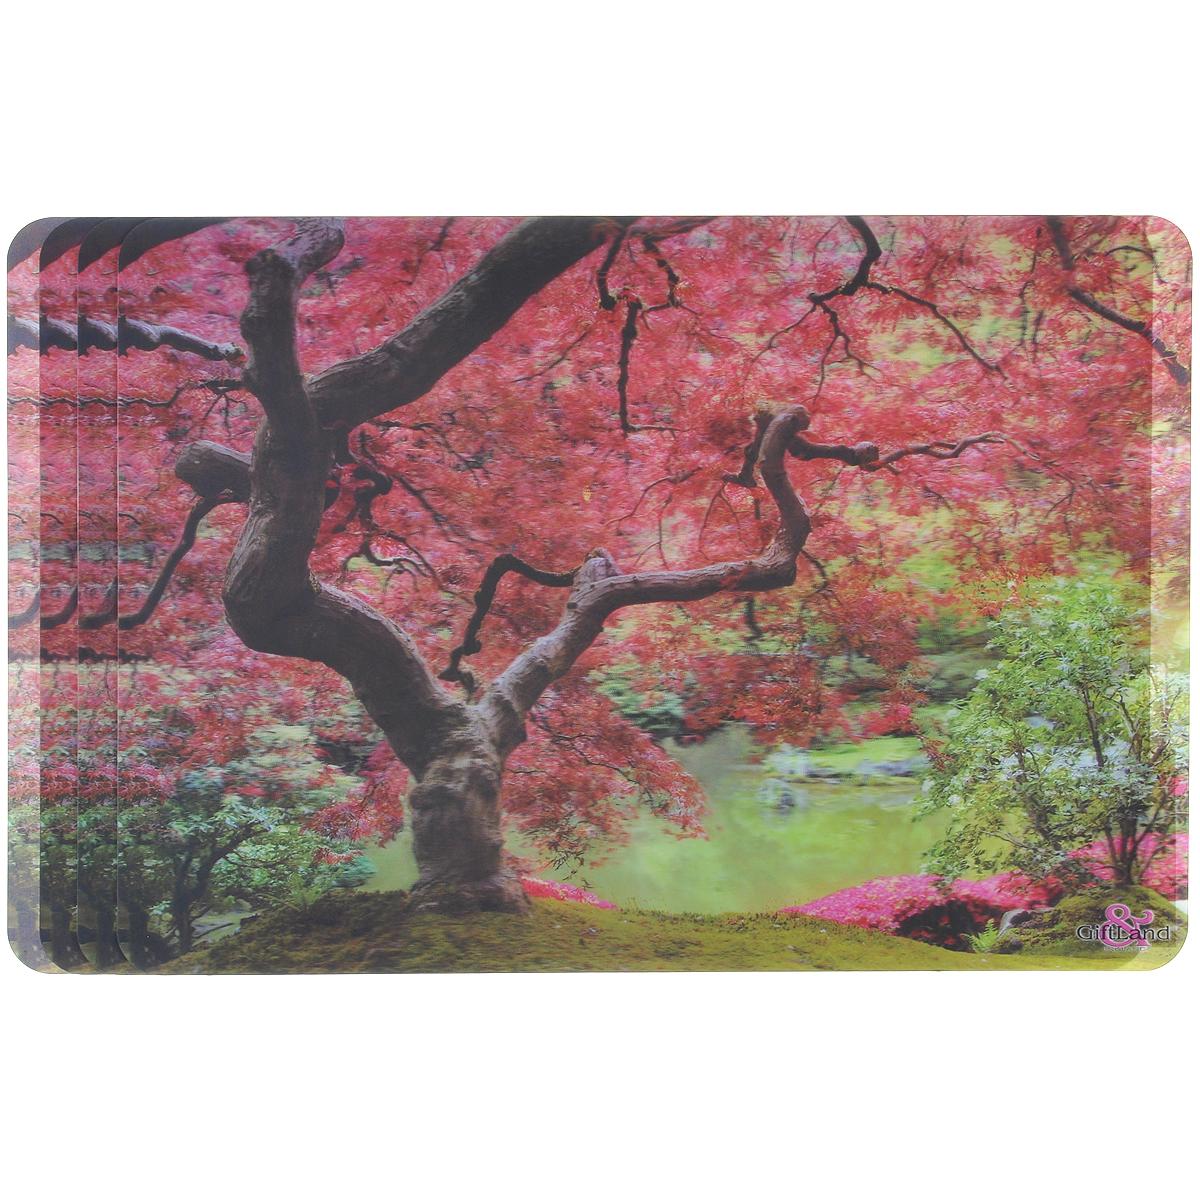 Набор сервировочных салфеток 3D GiftLand Дерево у озера, 34,5 х 24,5 см, 4 шт3D-05 TreeНабор GiftLand Дерево у озера, изготовленный из полипропилена, состоит из четырех сервировочных салфеток с эффектом 3D. Такие салфетки - это отличная идея для сервировки! Салфетки декорированы ярким объемным изображением цветущего дерева у озера. Изделия защищают поверхность стола от воздействия температур, влаги и загрязнений, а также украшают интерьер. Могут использоваться для детского творчества (рисования, лепки из пластилина) в качестве защитного покрытия, подставки под вазы, кухонные приборы. Размер салфетки: 34,5 см х 24,5 см.